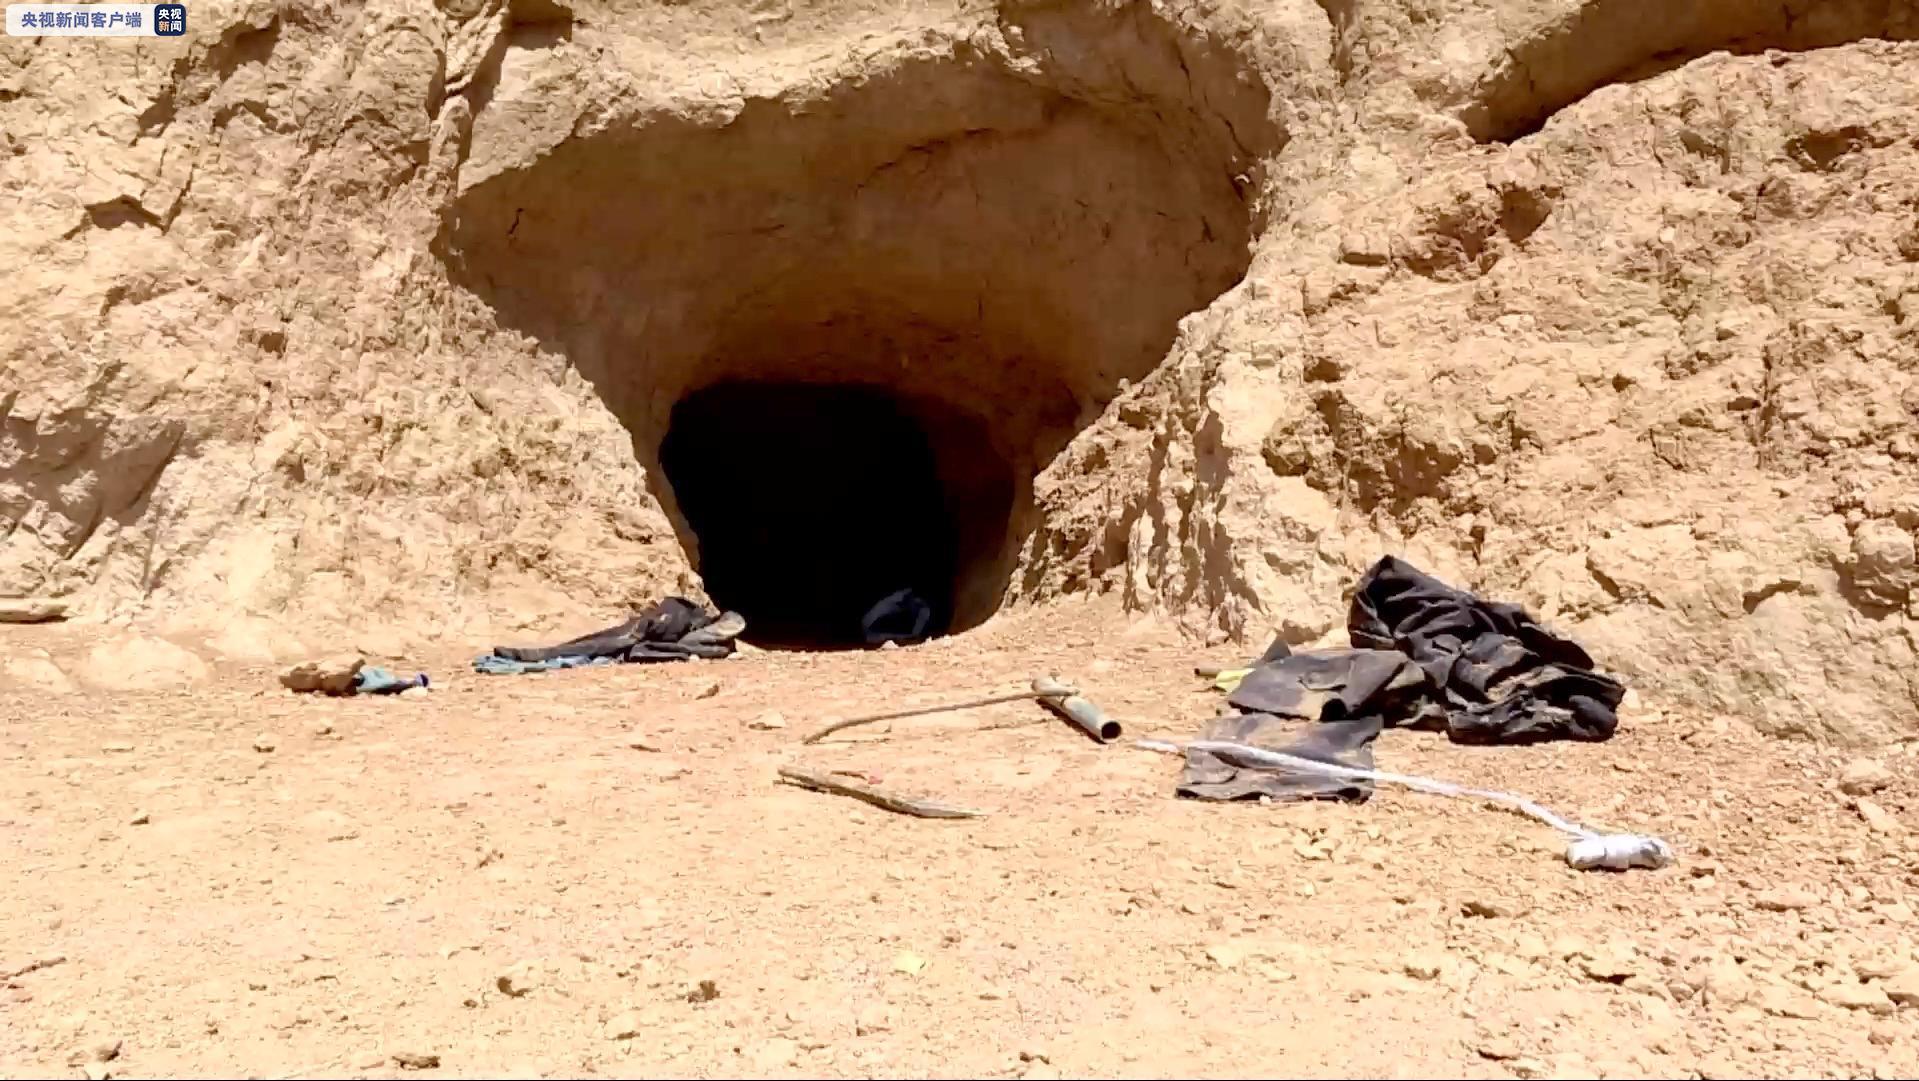 陕西警方打掉一盗掘古脊椎动物化石犯罪团伙 8人被抓 查获化石200公斤